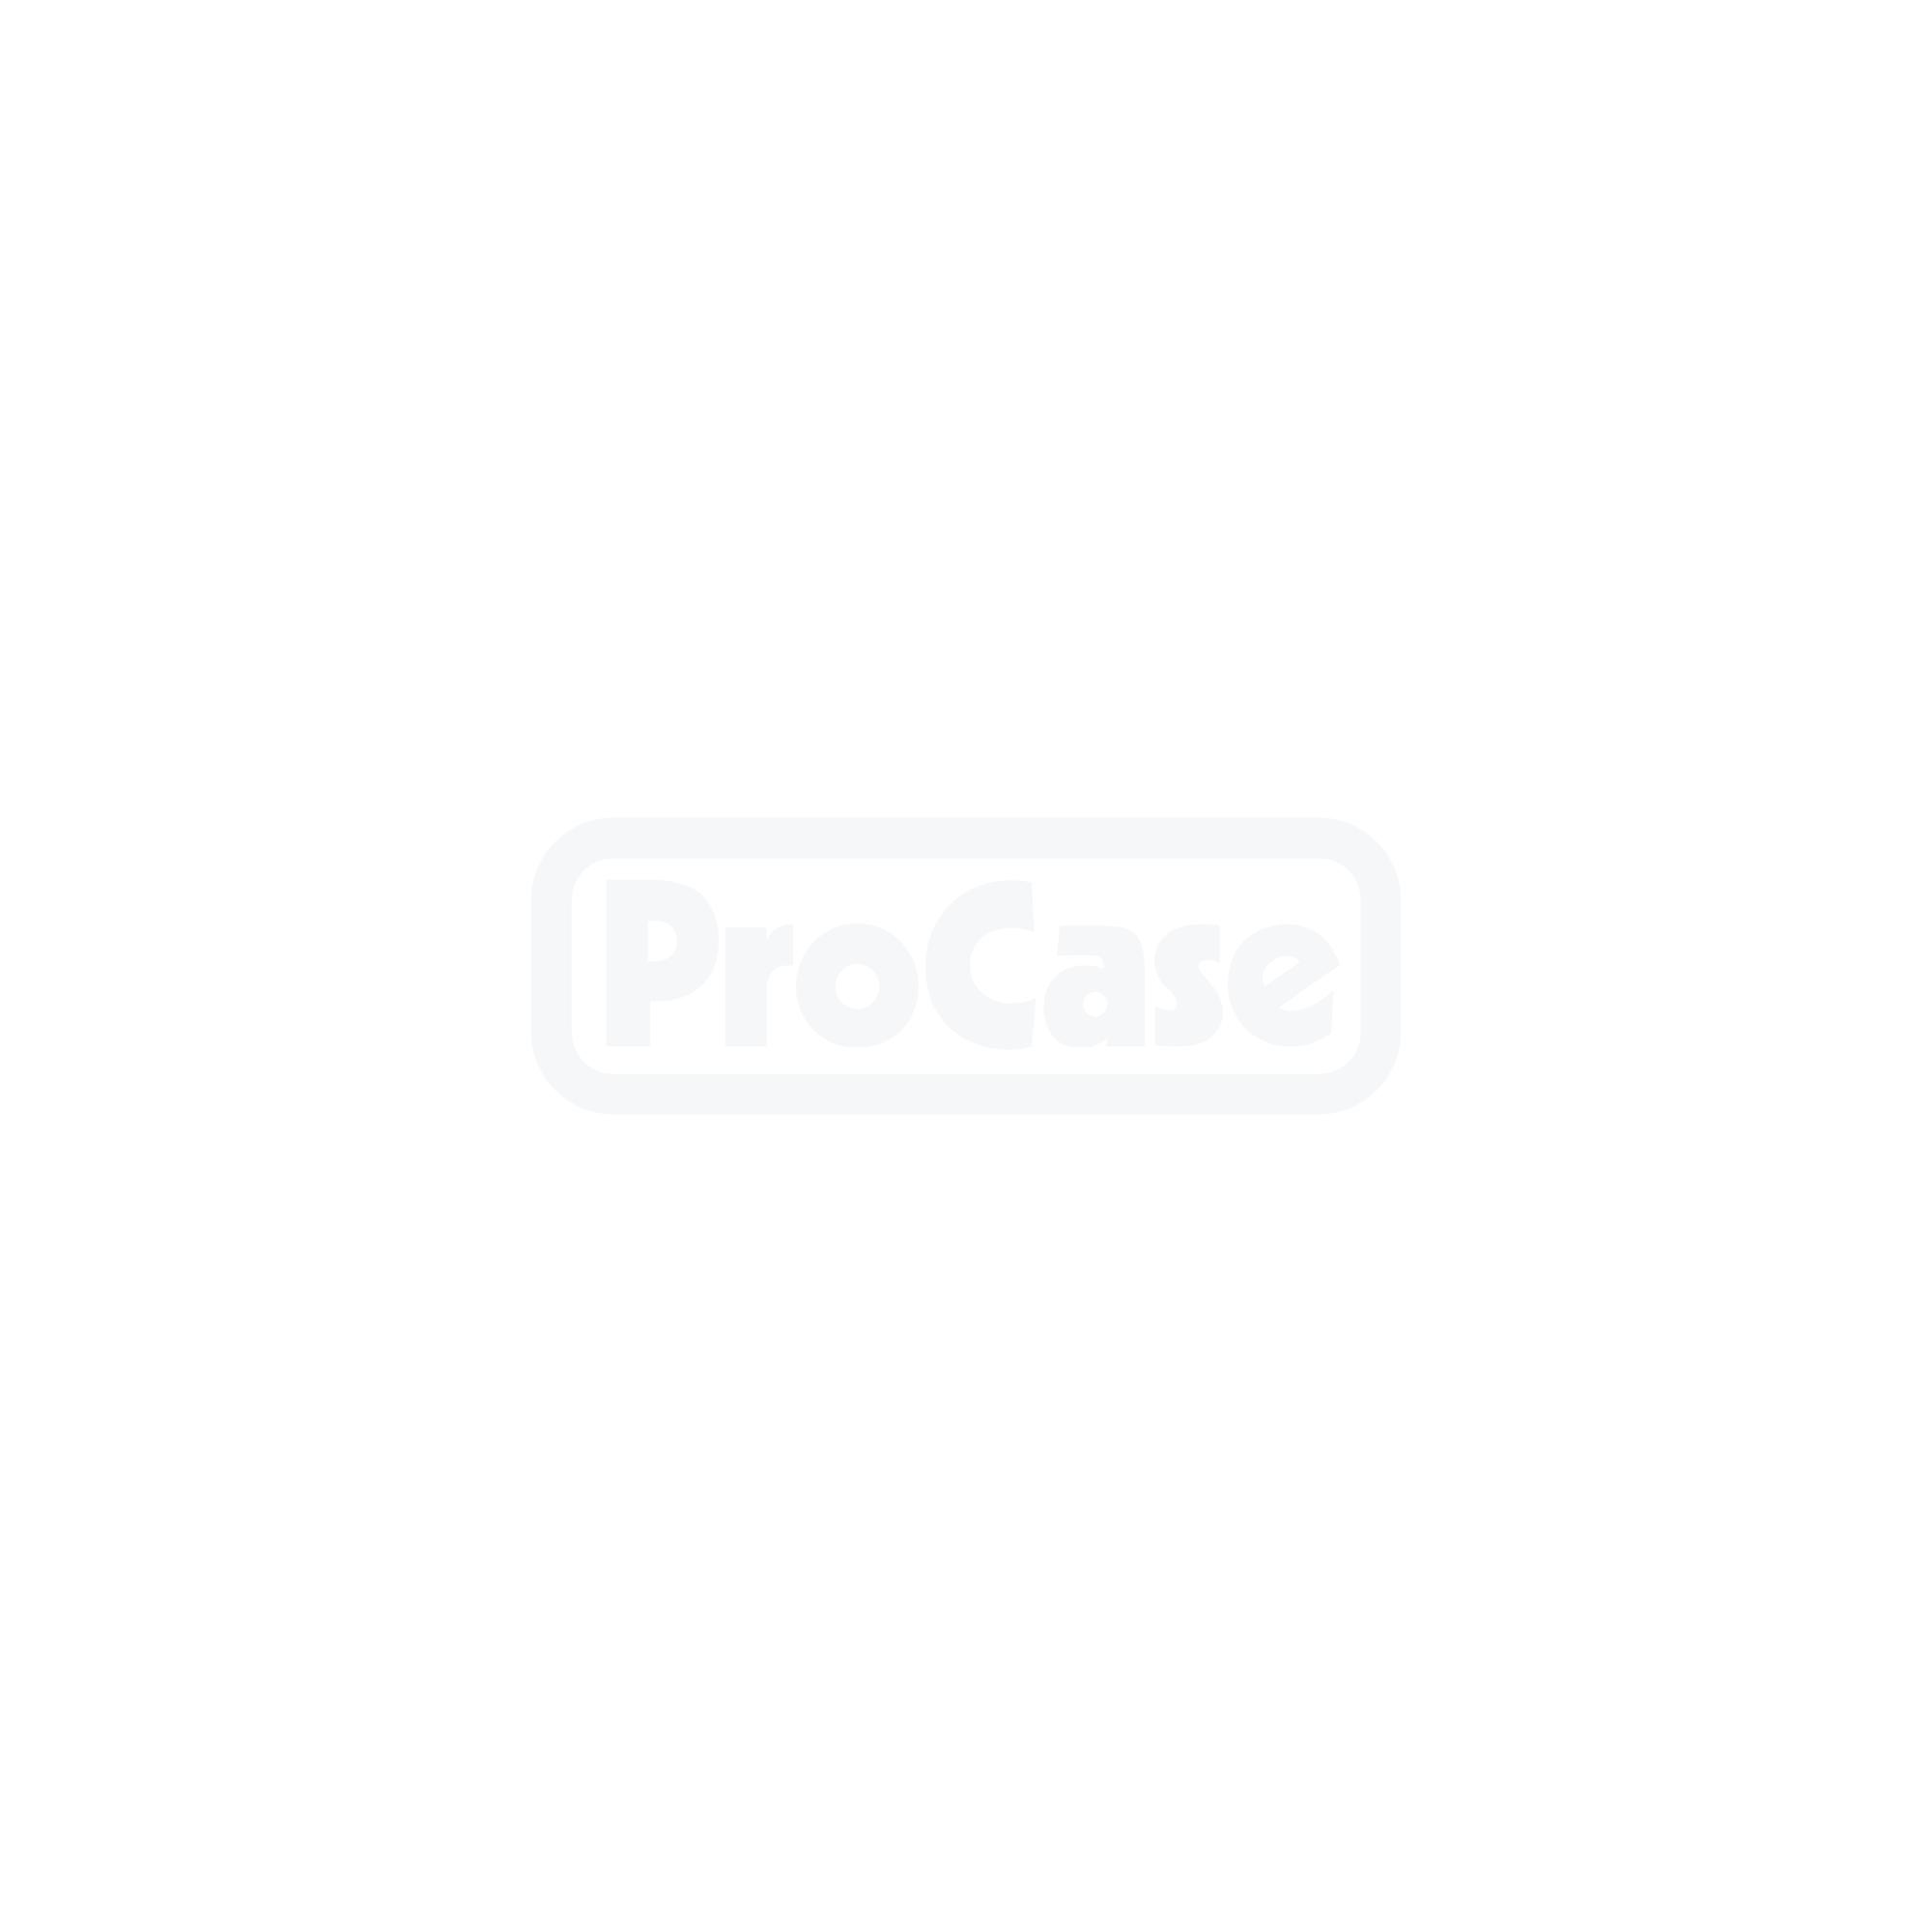 Standard-Koffer für Canon HJ11ex4.7B-IASE